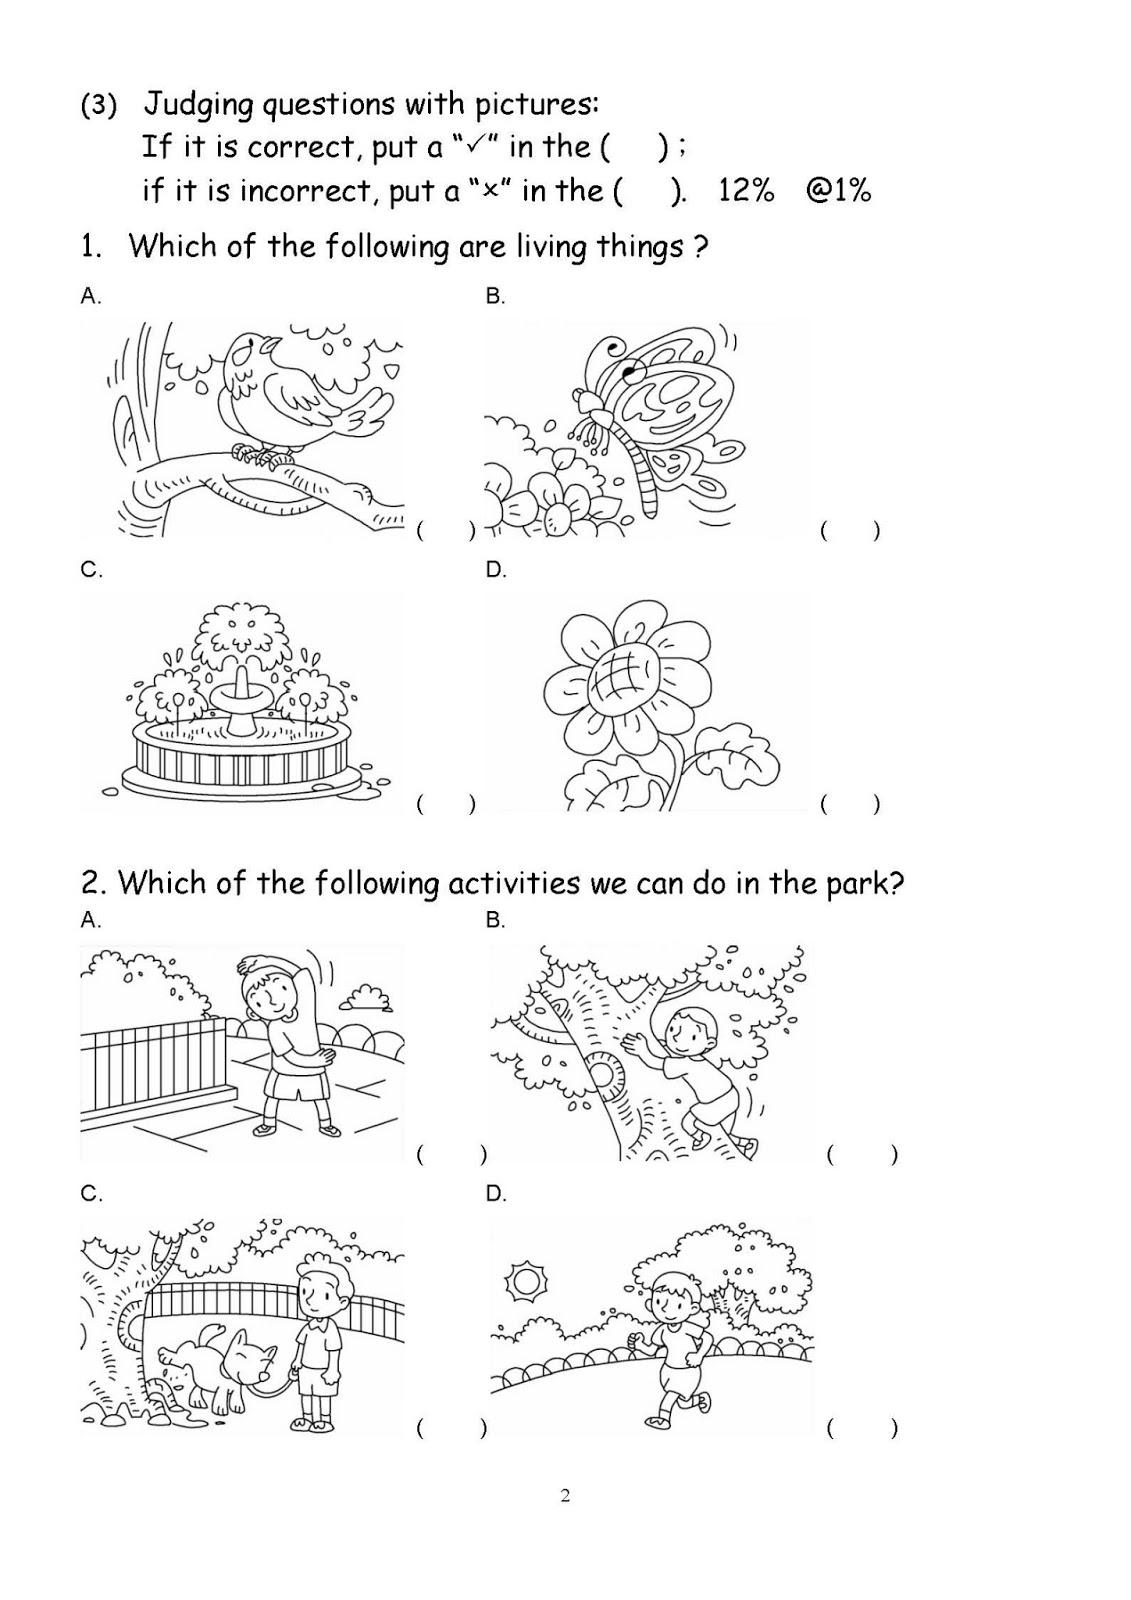 小學四年級數學試題|試題|數學- 小學四年級數學試題|試題|數學 - 快熱資訊 - 走進時代